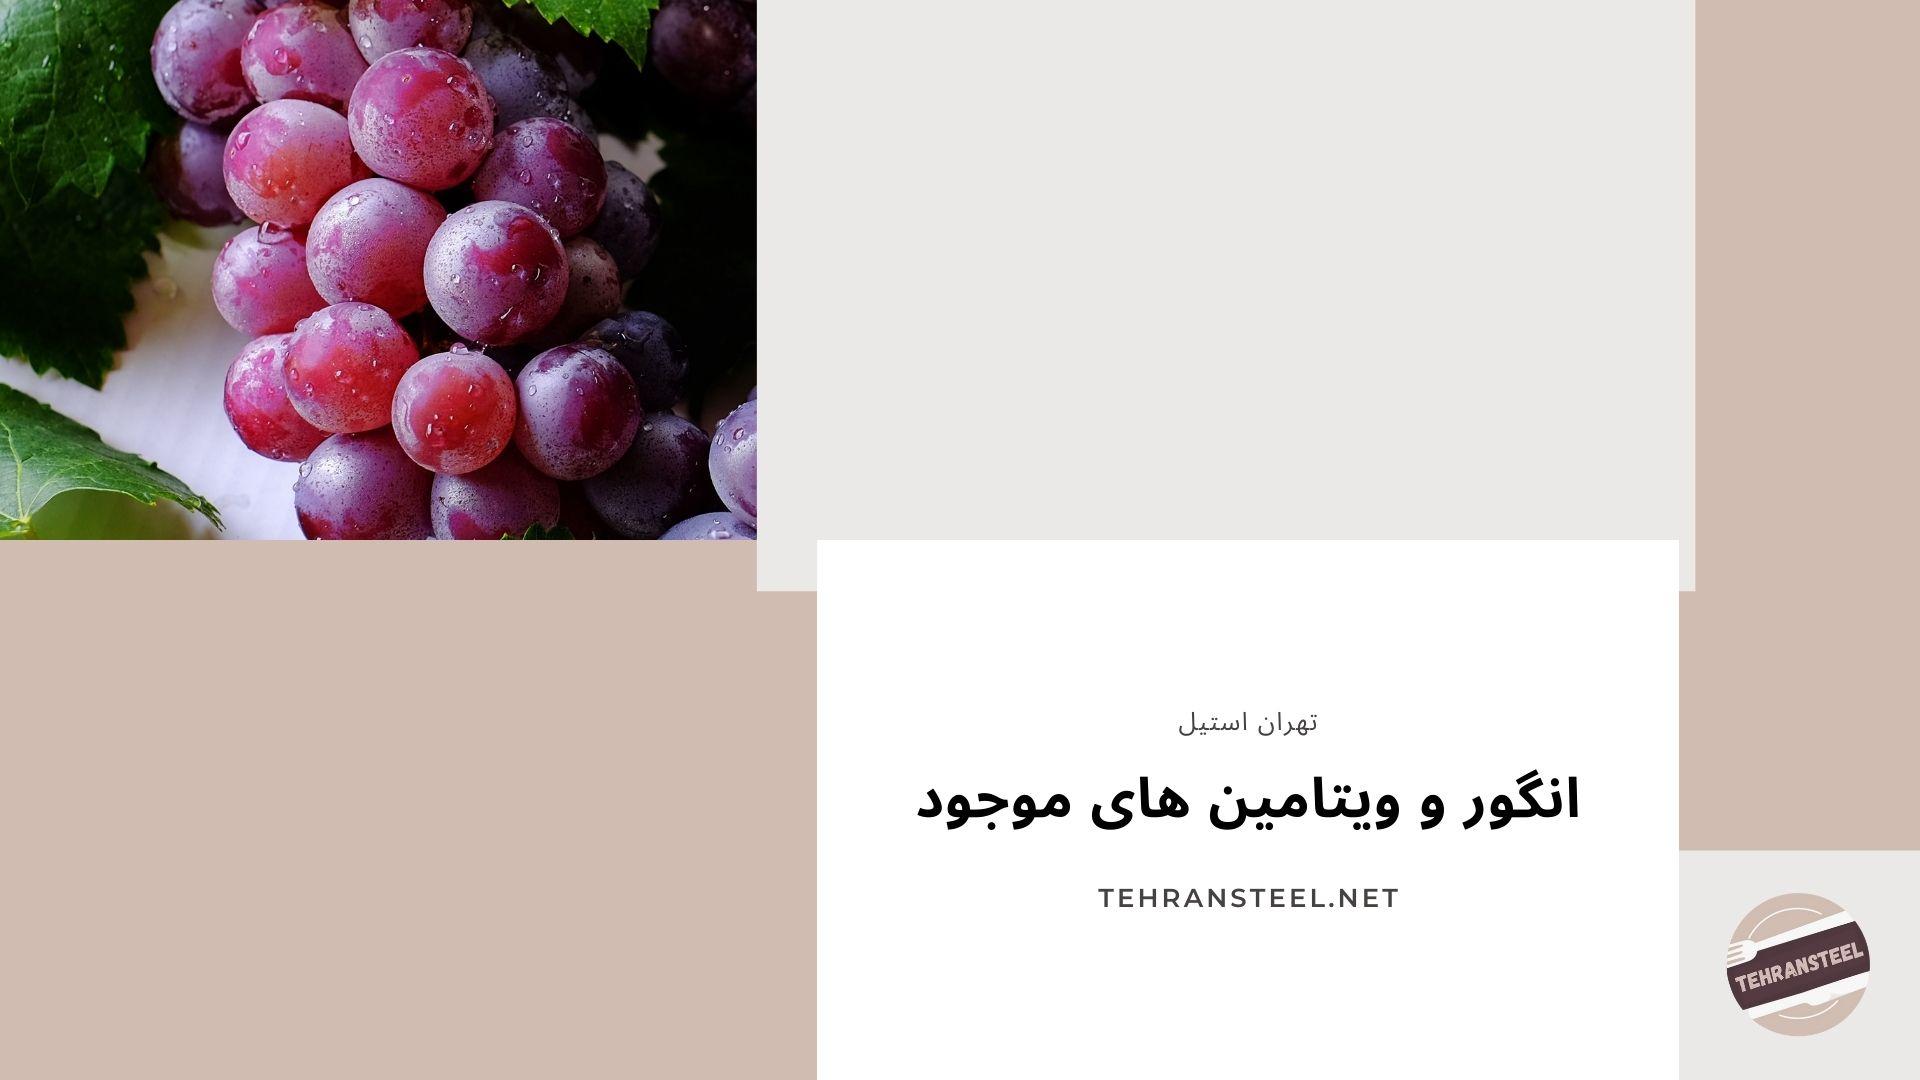 انگور و ویتامین های موجود